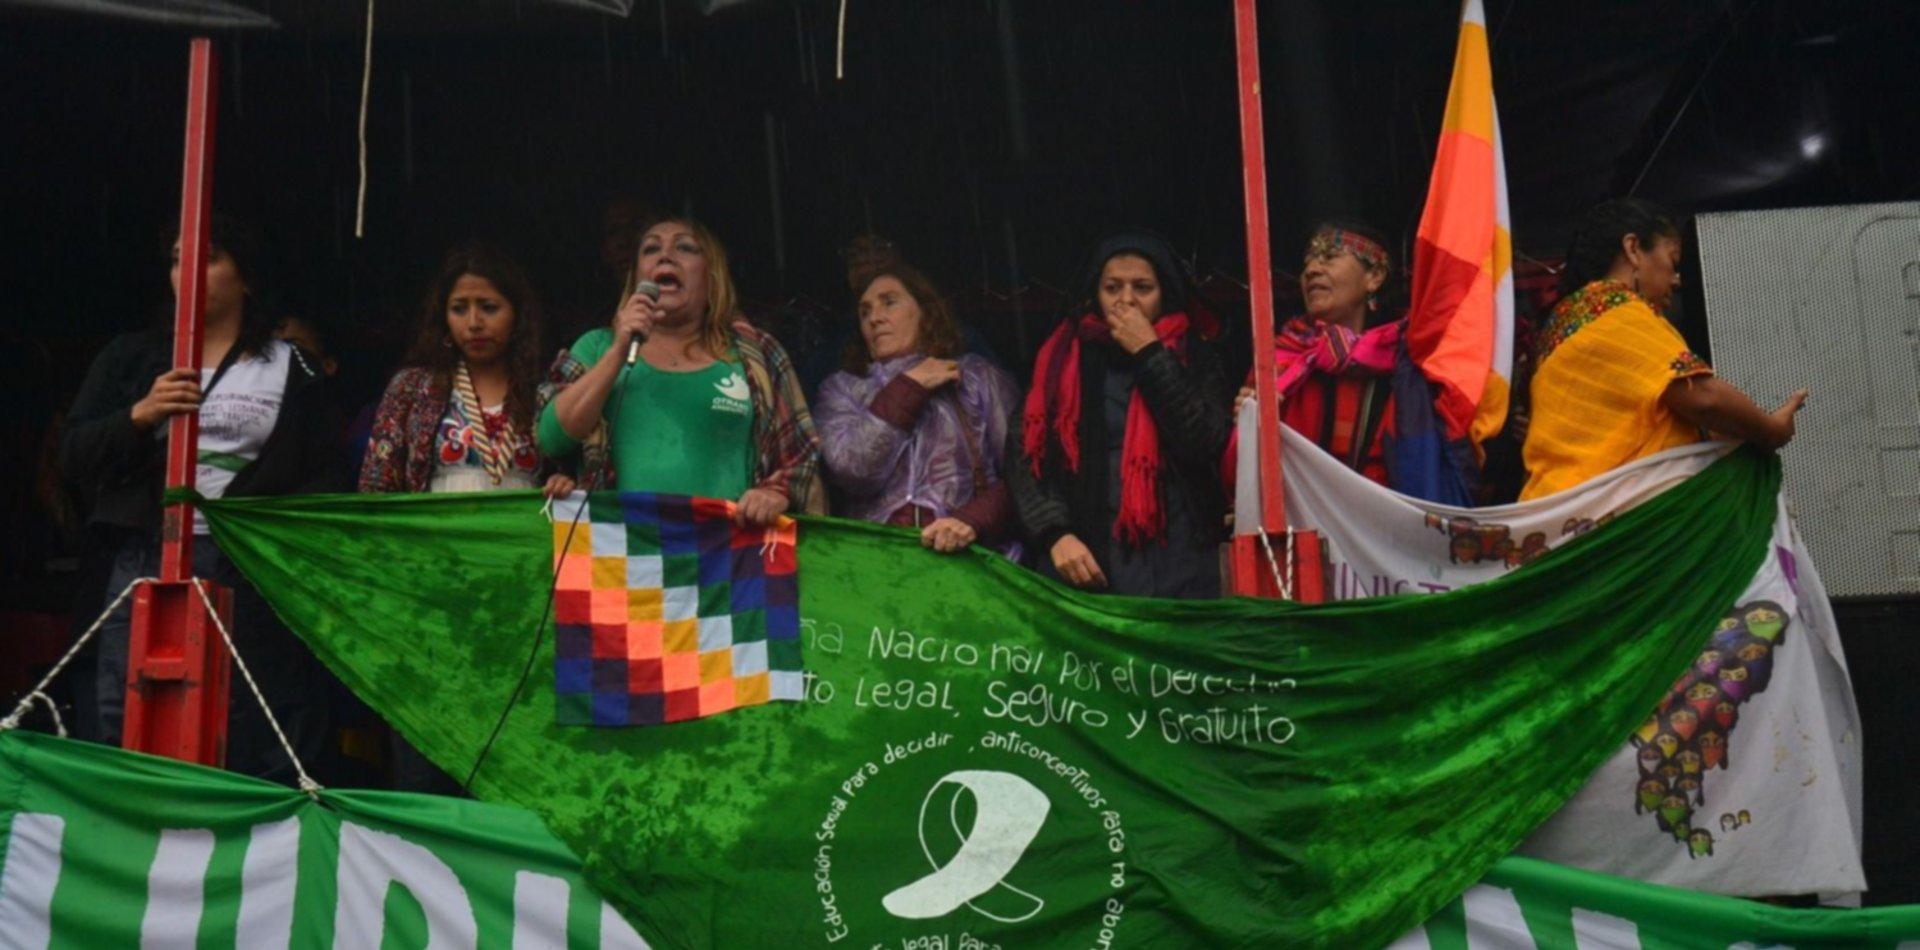 La apertura no se hizo pero miles de mujeres y disidencias sexuales marcharon igual